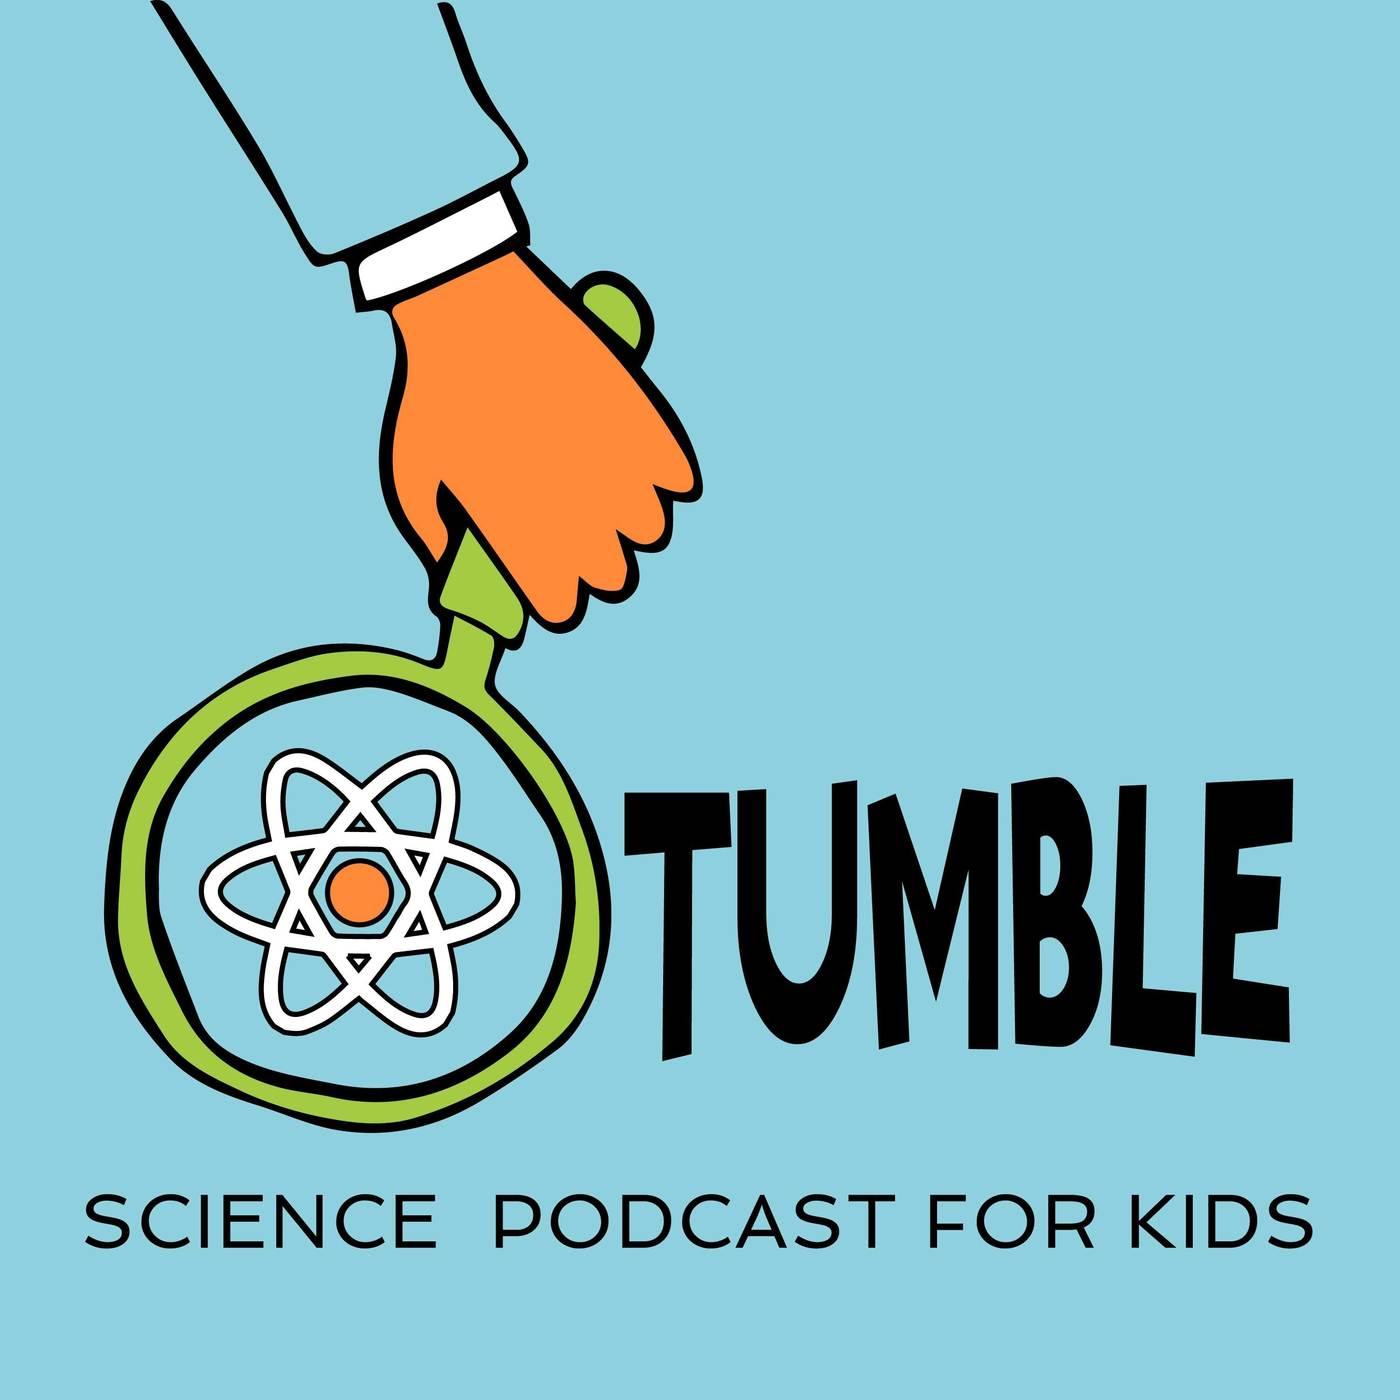 Tumble podcast logo